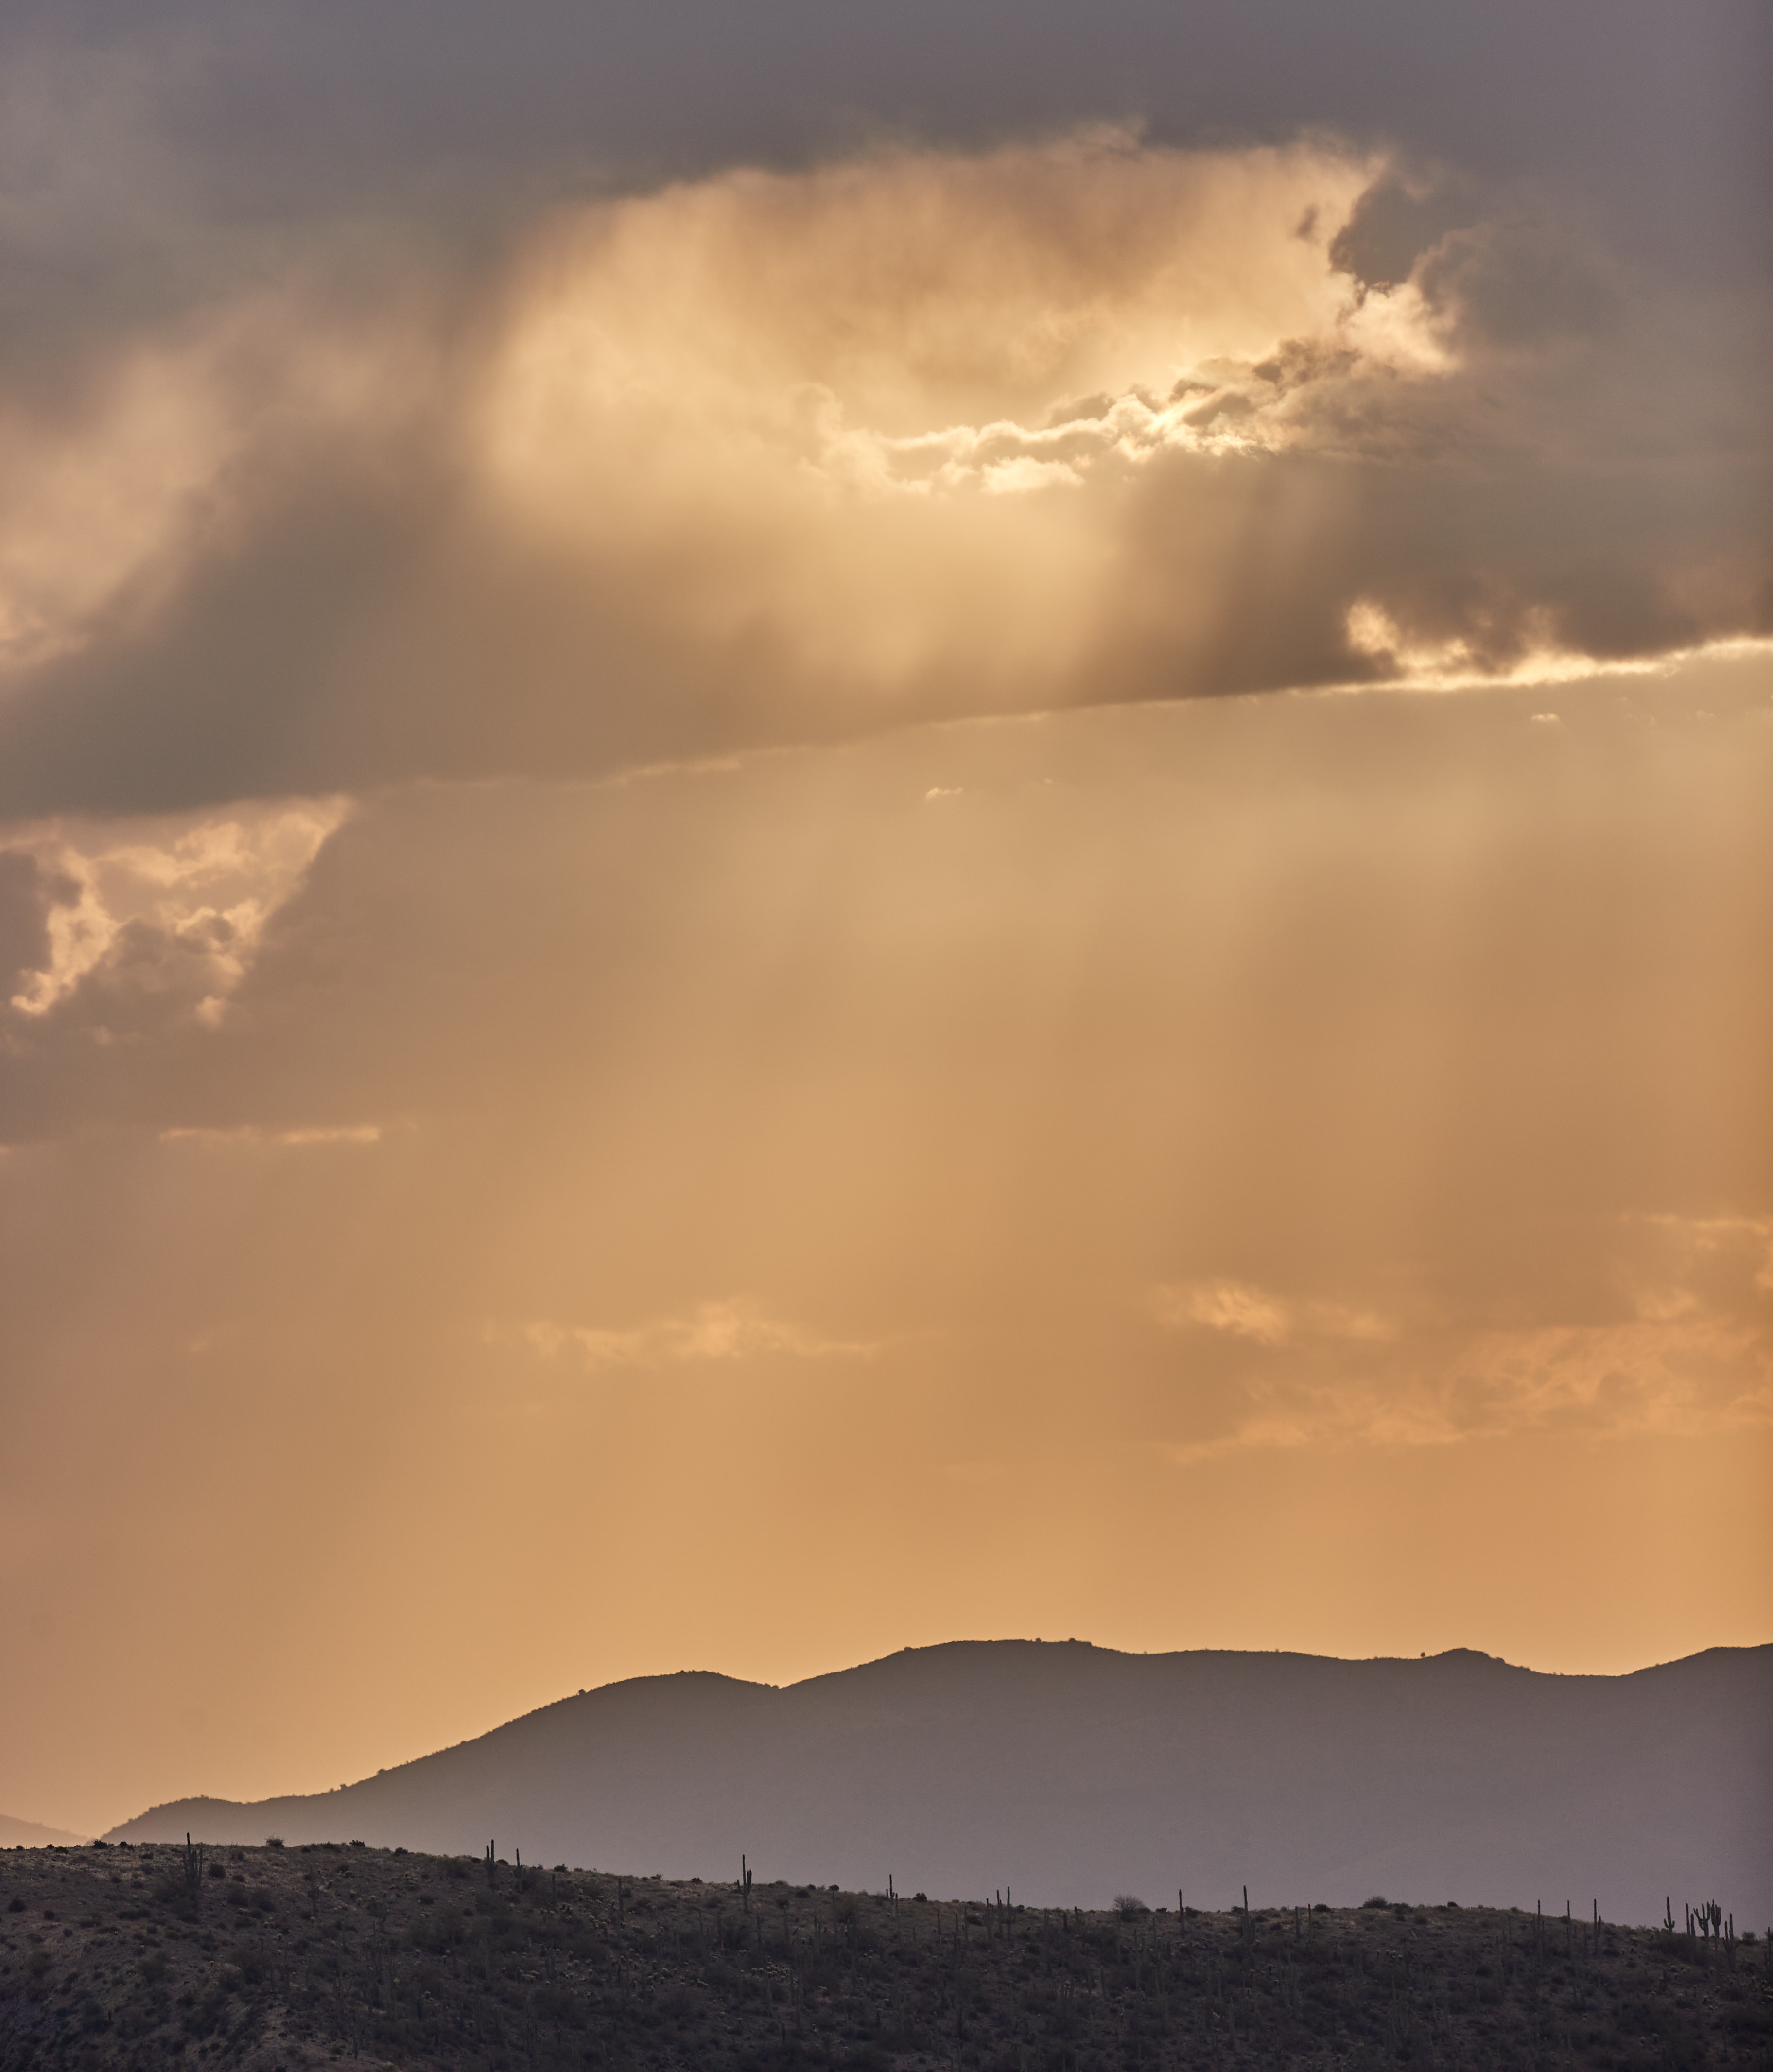 155489 скачать обои Облака, Лучи, Свет, Природа, Горы, Пейзаж - заставки и картинки бесплатно